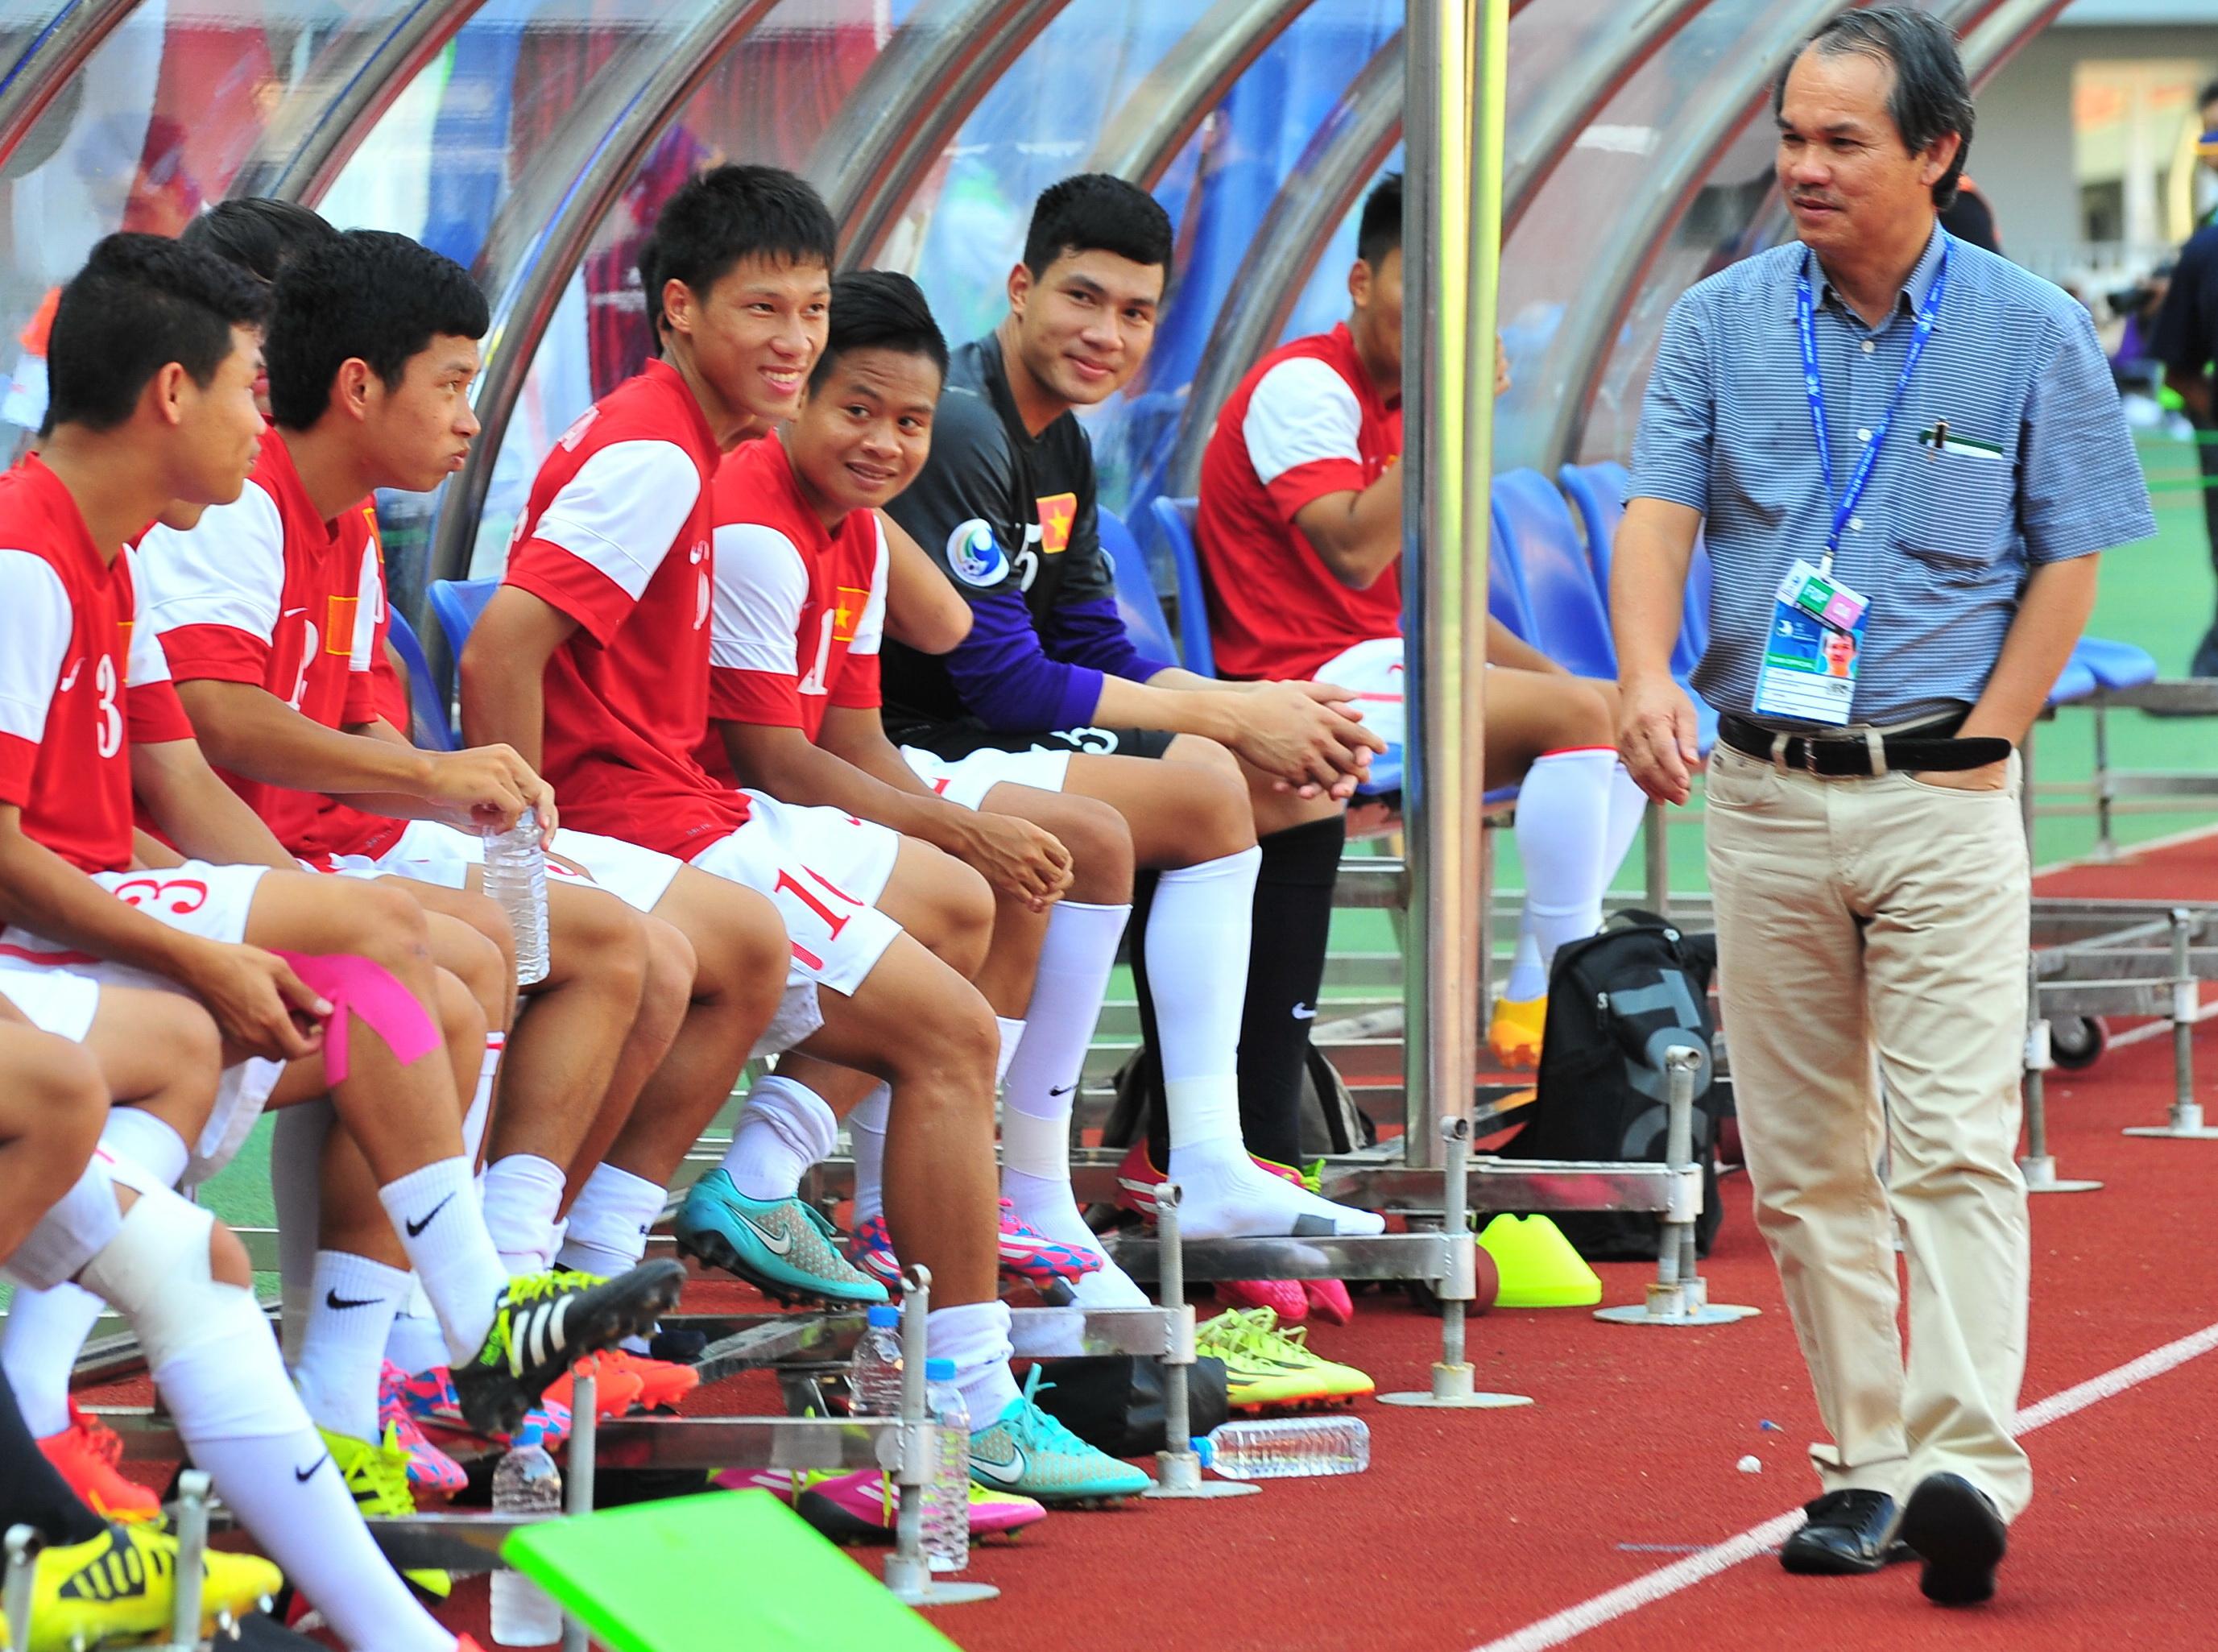 Bầu Đức với lứa cầu thủ xuất thân từ Học viện bóng đá Hoàng Anh Gia Lai JMG. Ảnh: ANH TIẾN